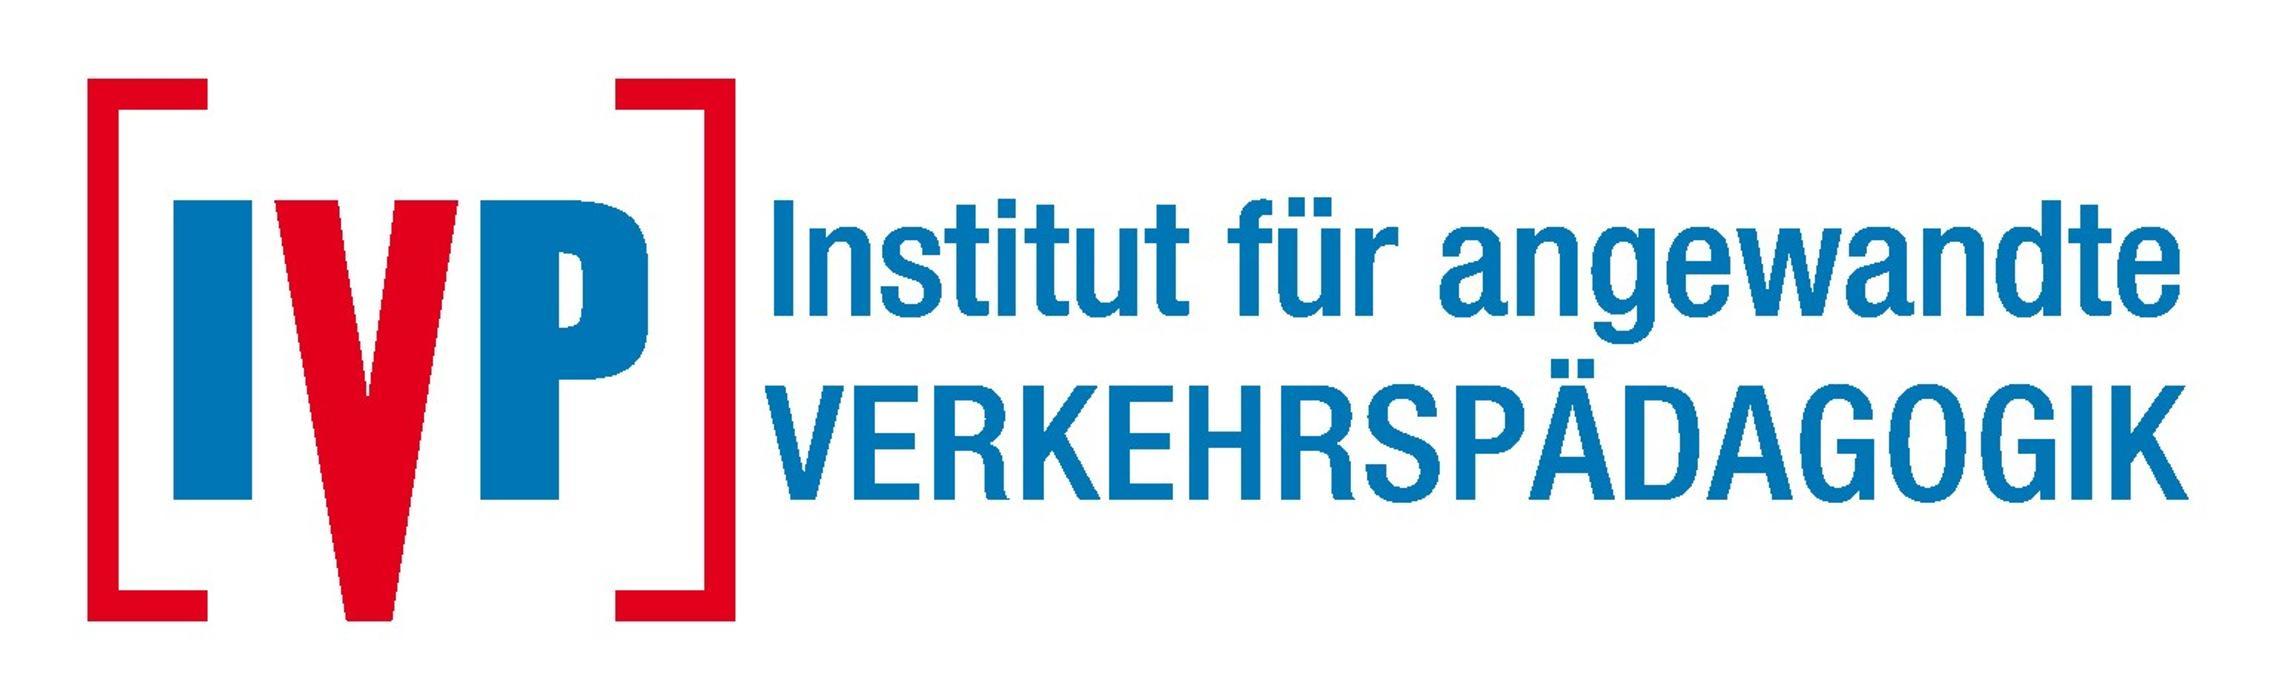 Bild zu IVP Institut für angewandte Verkehrspädagogik Dr. Hagen Hartmann in Flörsheim am Main